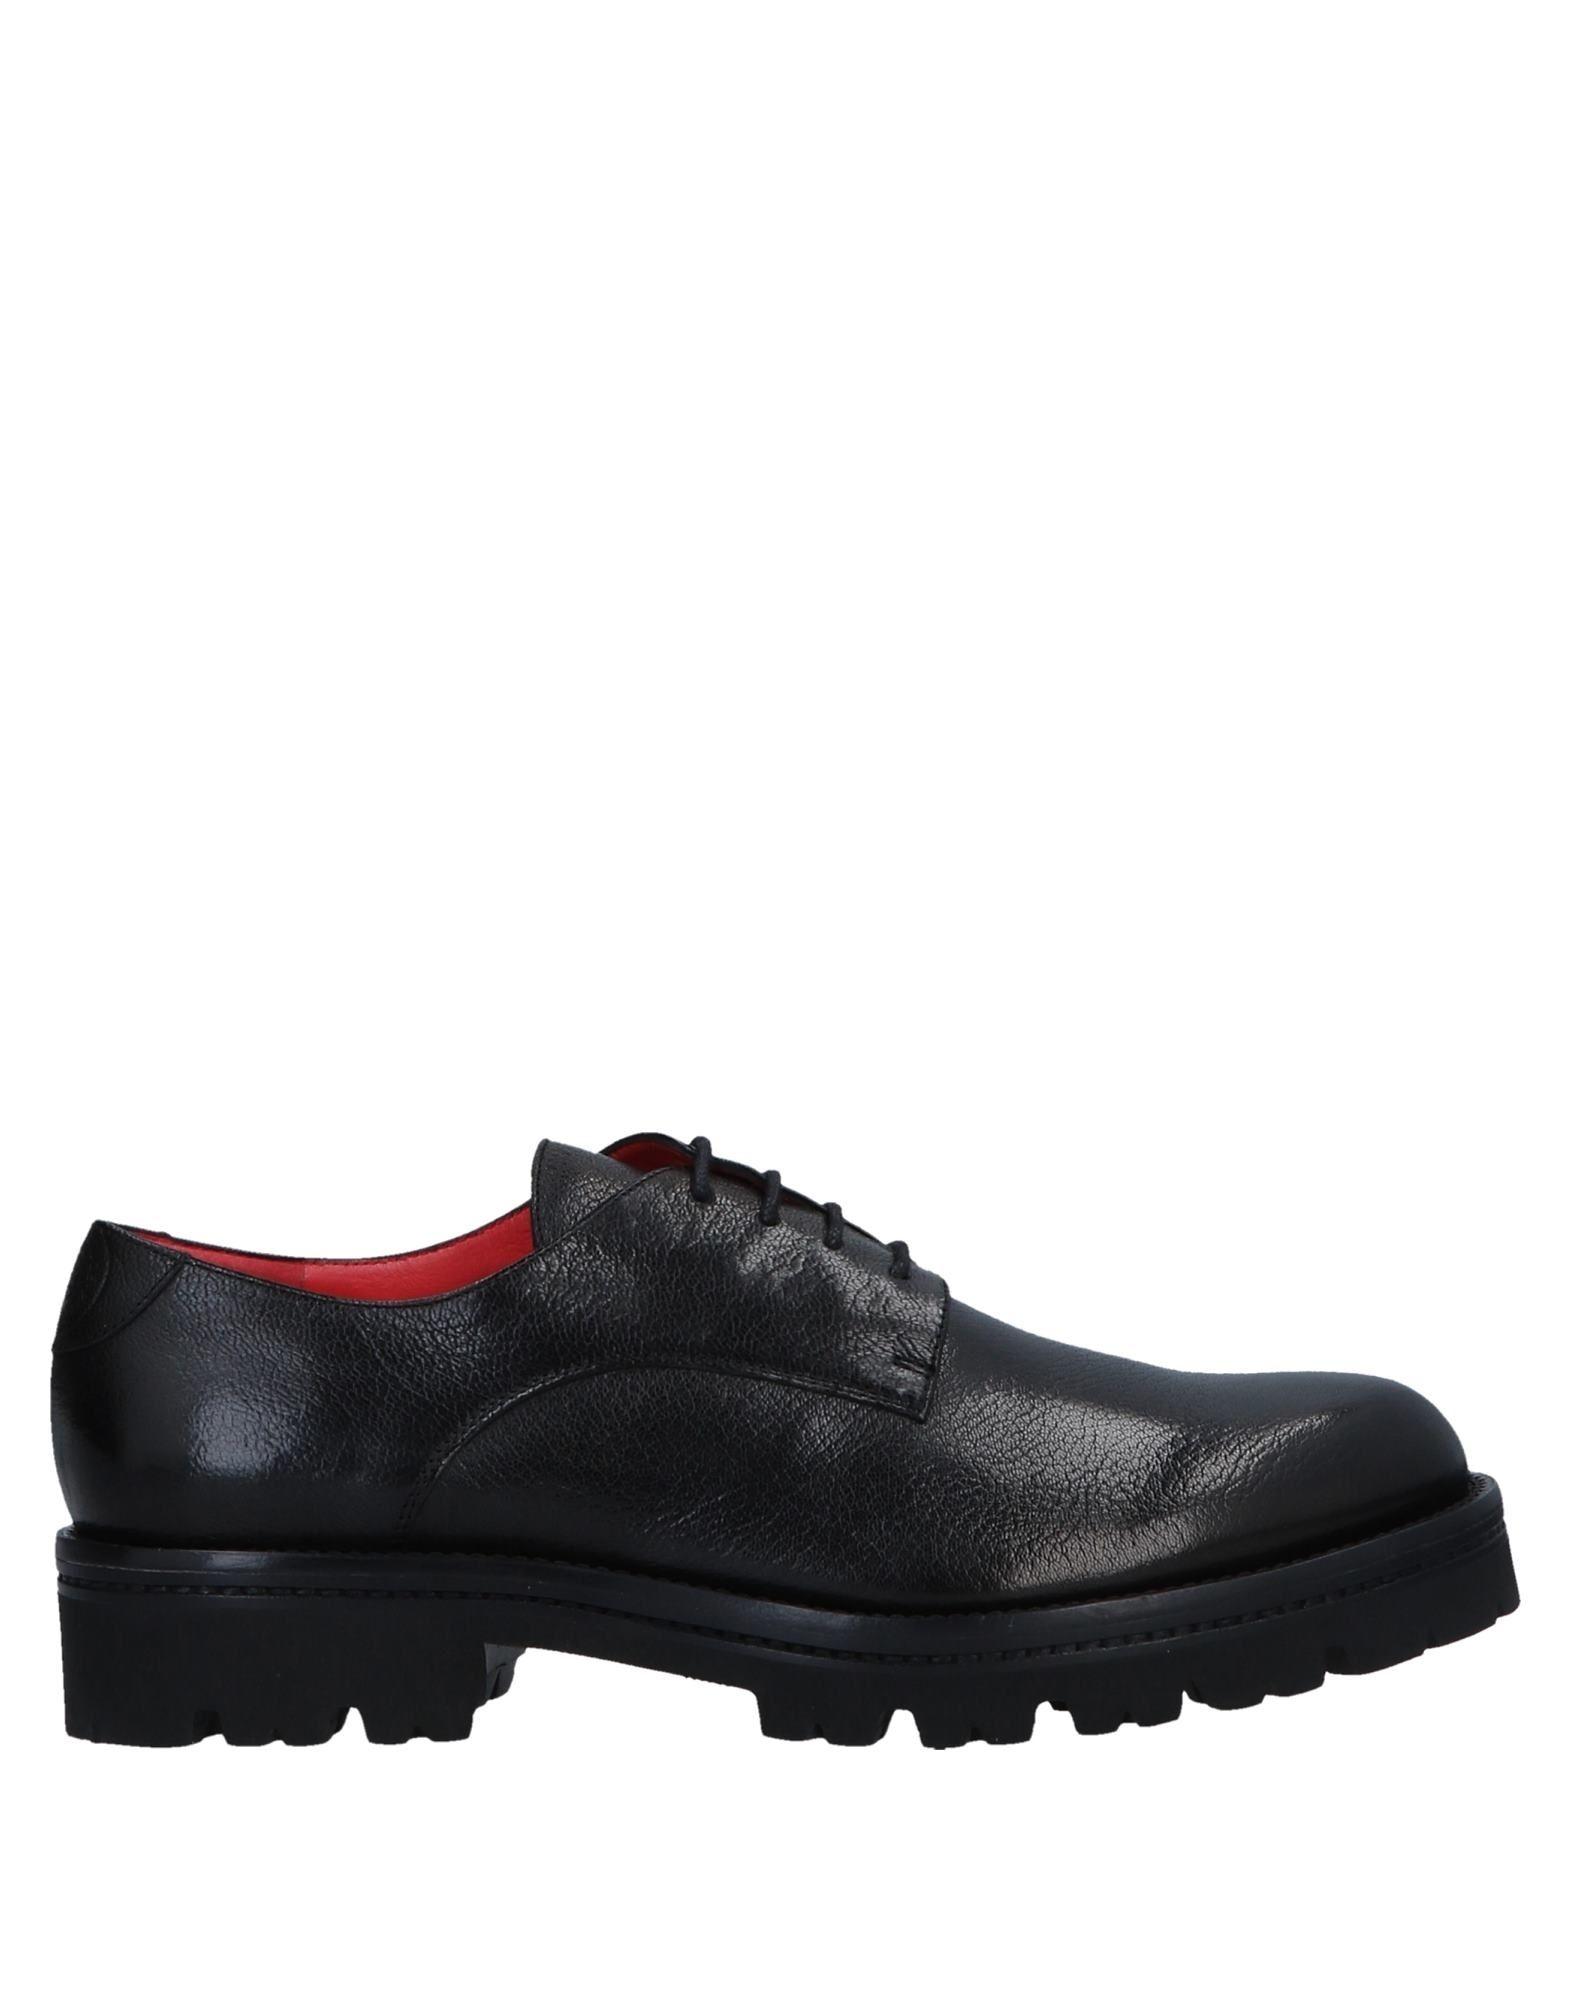 Pas Schnürschuhe De Rouge Schnürschuhe Pas Damen  11510948JIGut aussehende strapazierfähige Schuhe 753362